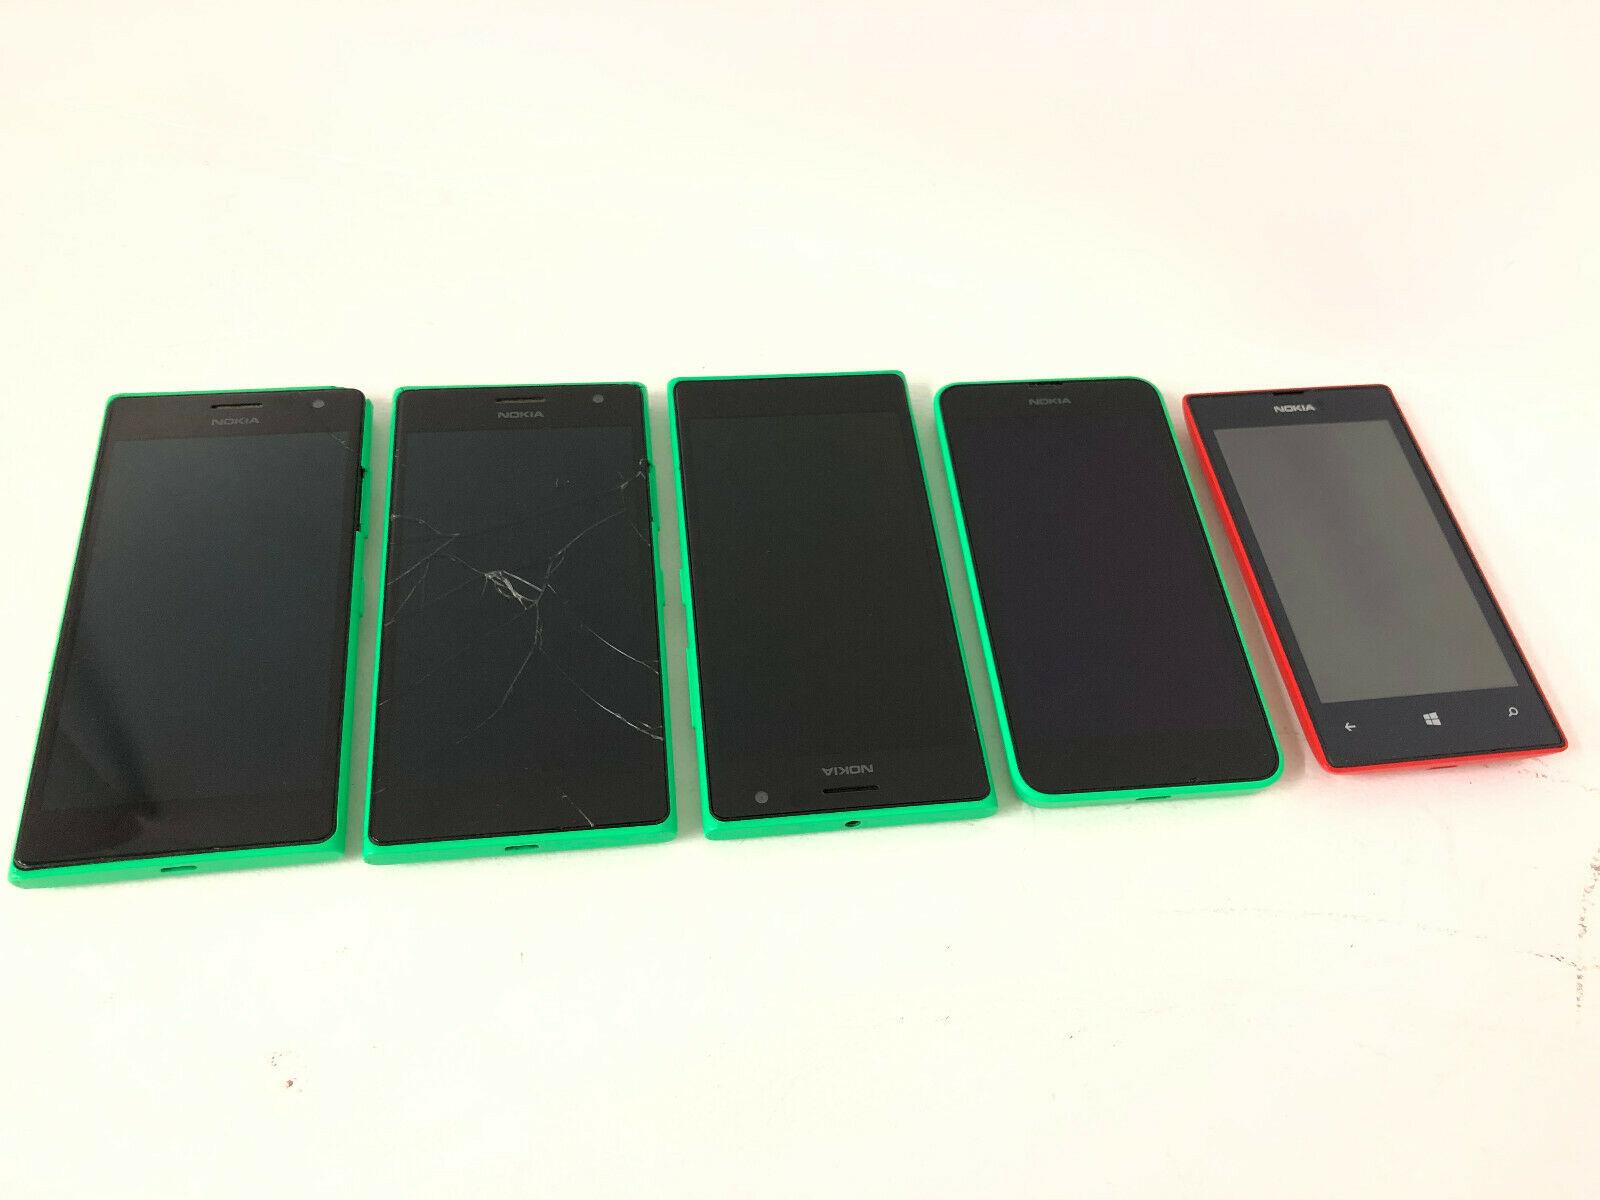 Nokia Lumia 735 x 4 No 2